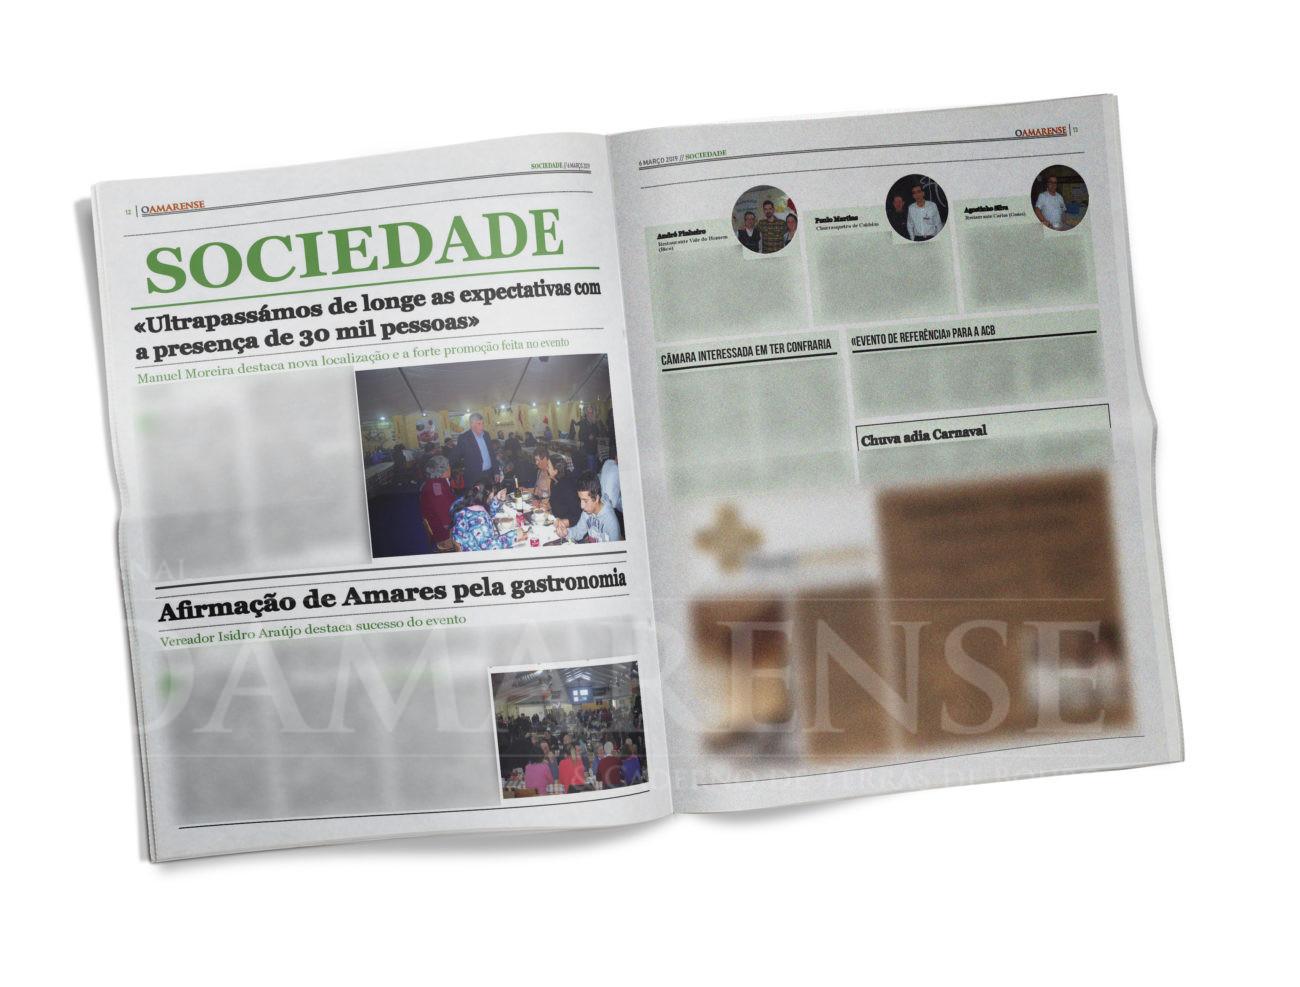 EDIÇÃO IMPRESSA – Festival das Papas de Sarrabulho. Manuel Moreira destaca nova localização e a forte promoção feita no evento